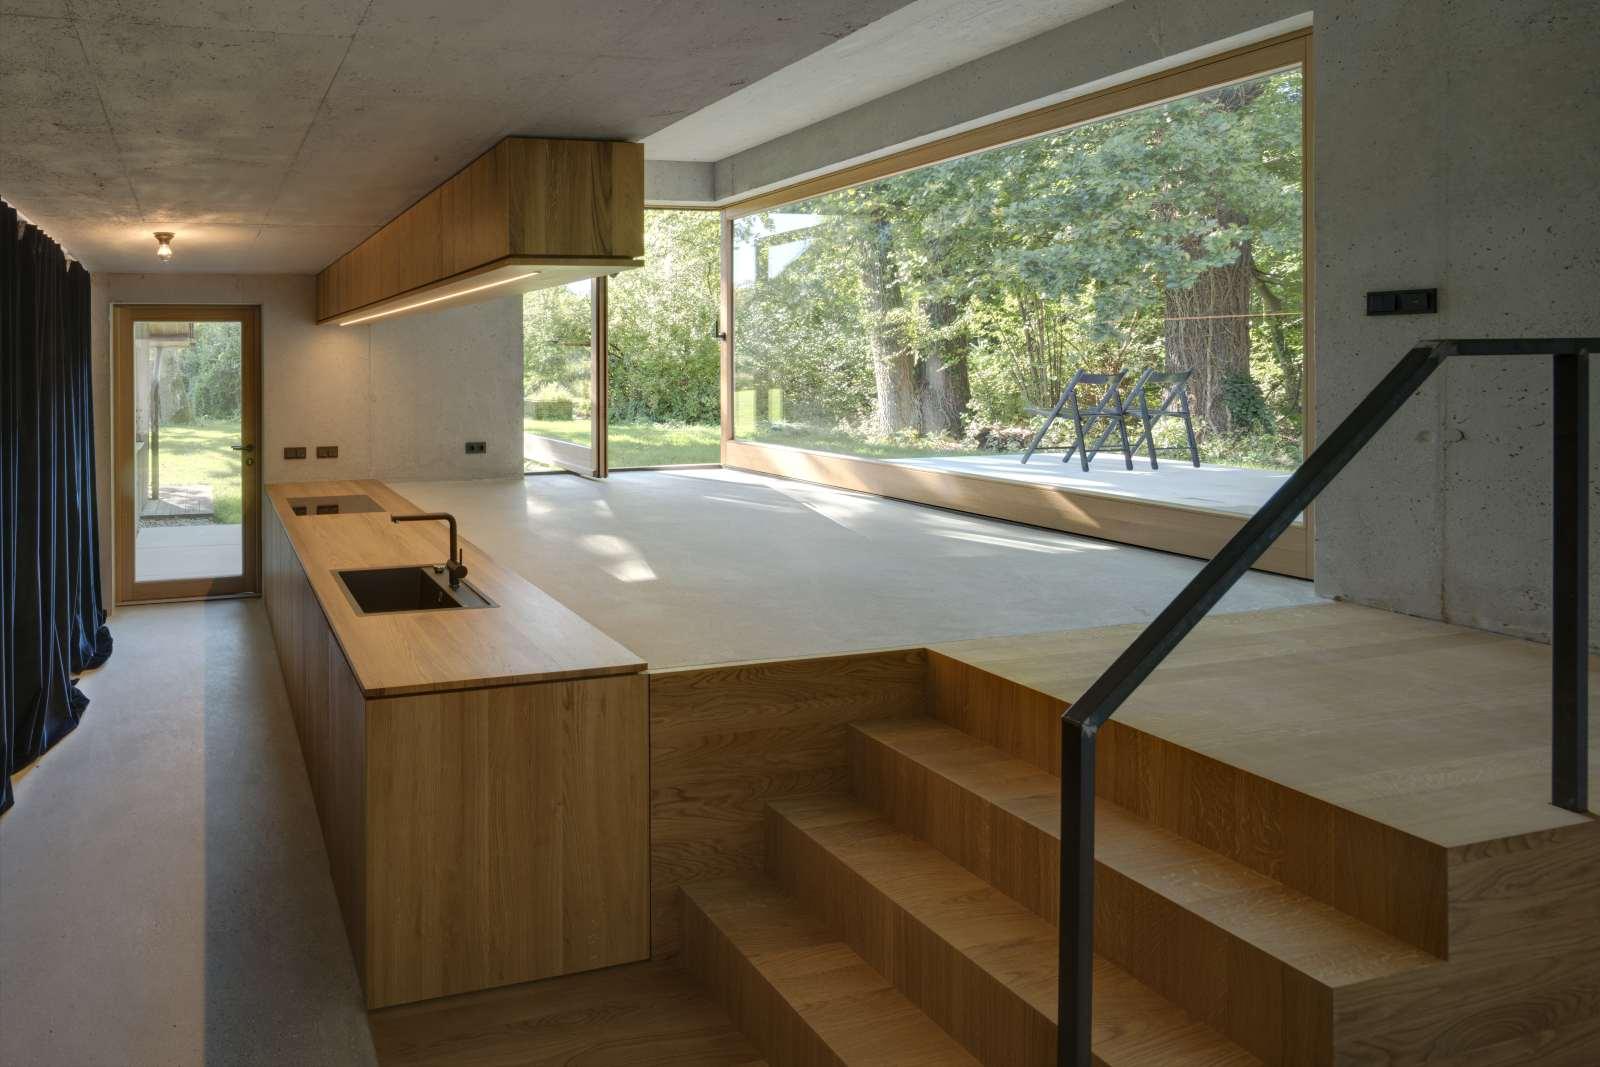 Kleines Haus mit Küche und Wohnbereich